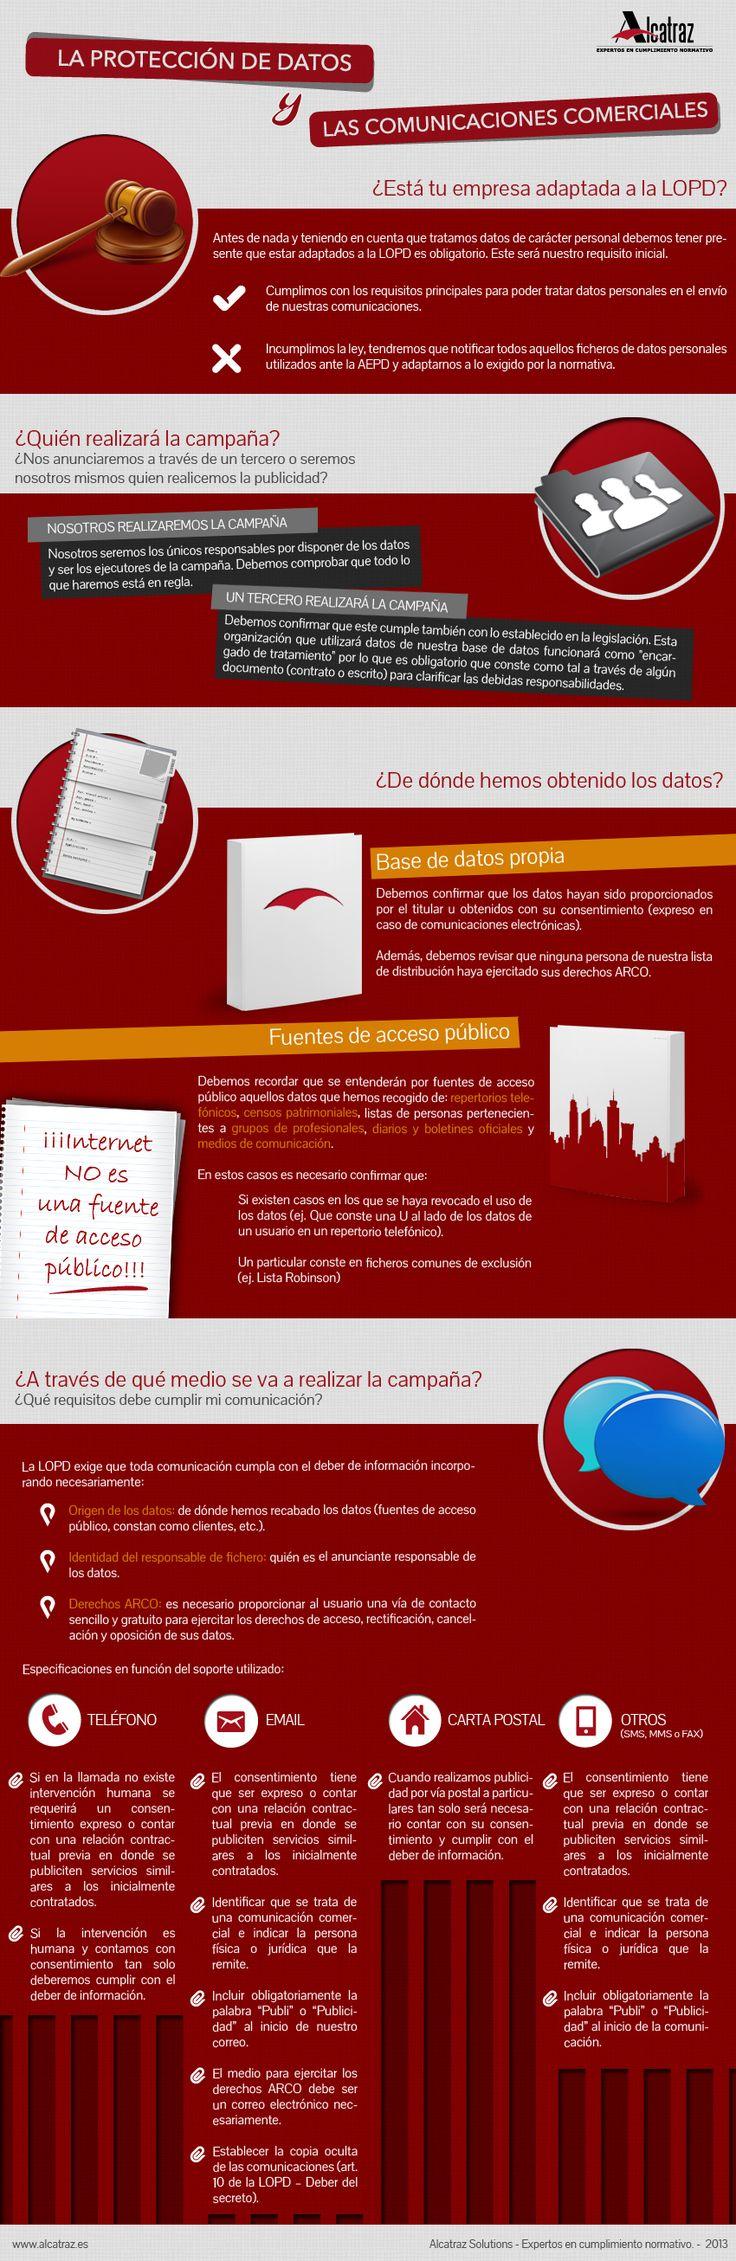 Protección de datos y comunicaciones comerciales